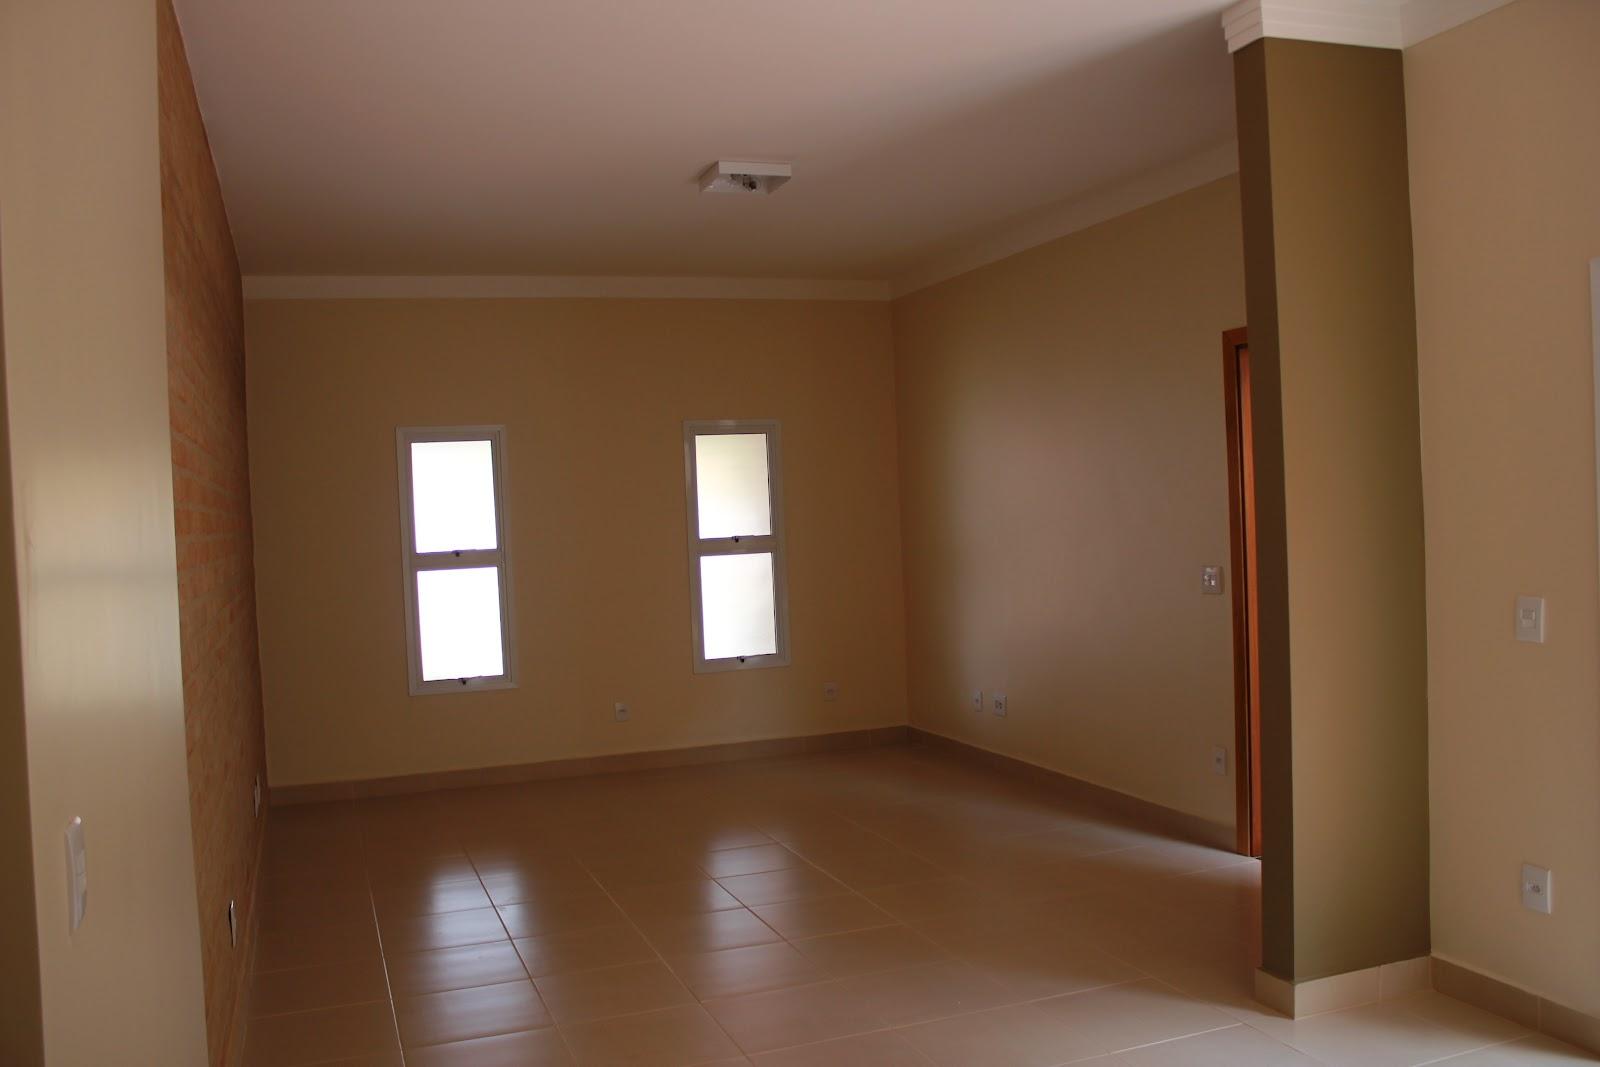 Casa Cravinhos #4A2C18 1600x1067 Banheiro Com Lavabo Externo